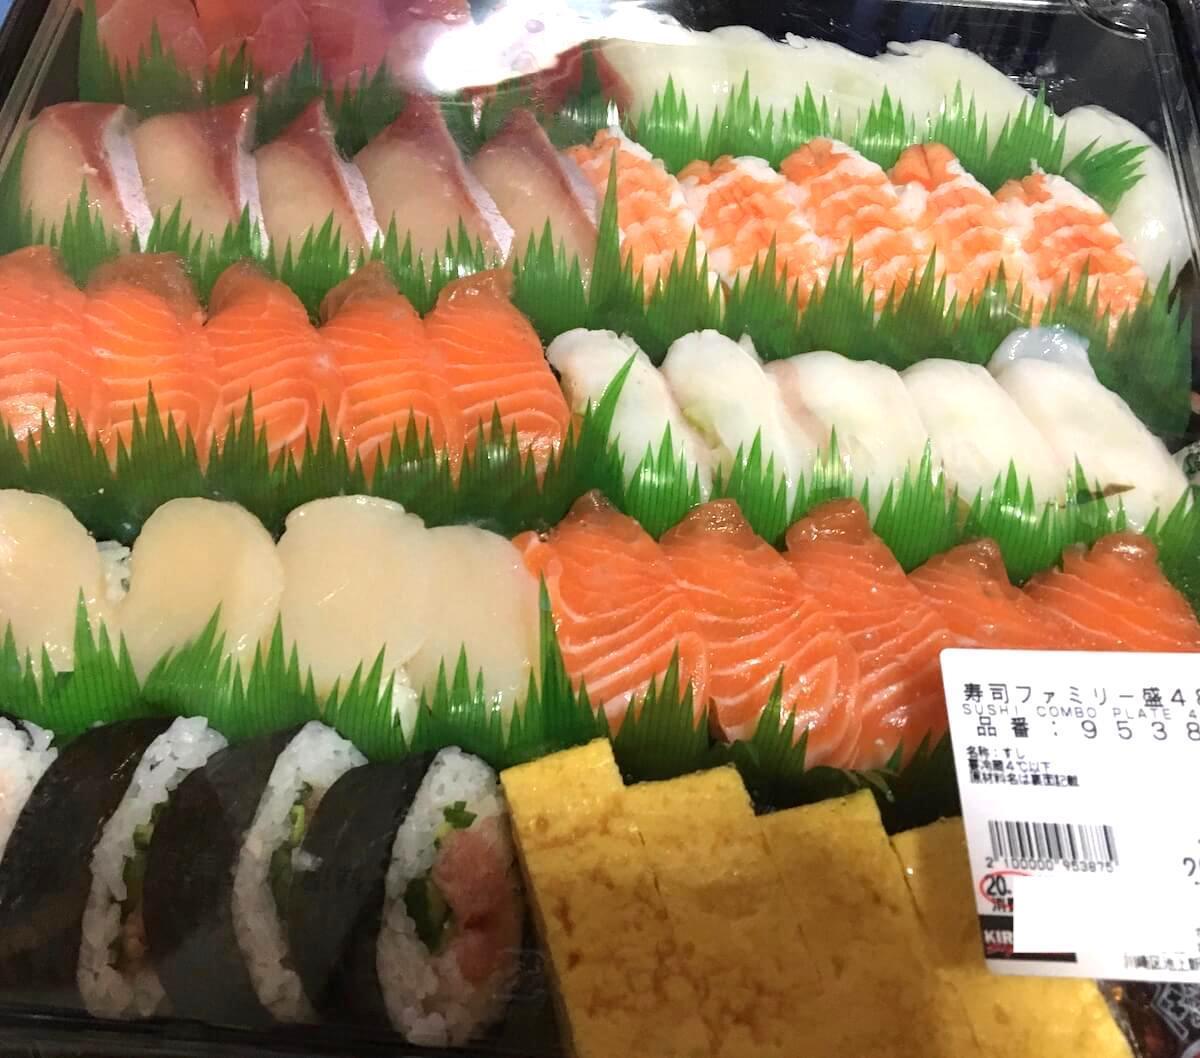 コストコのファミリー寿司